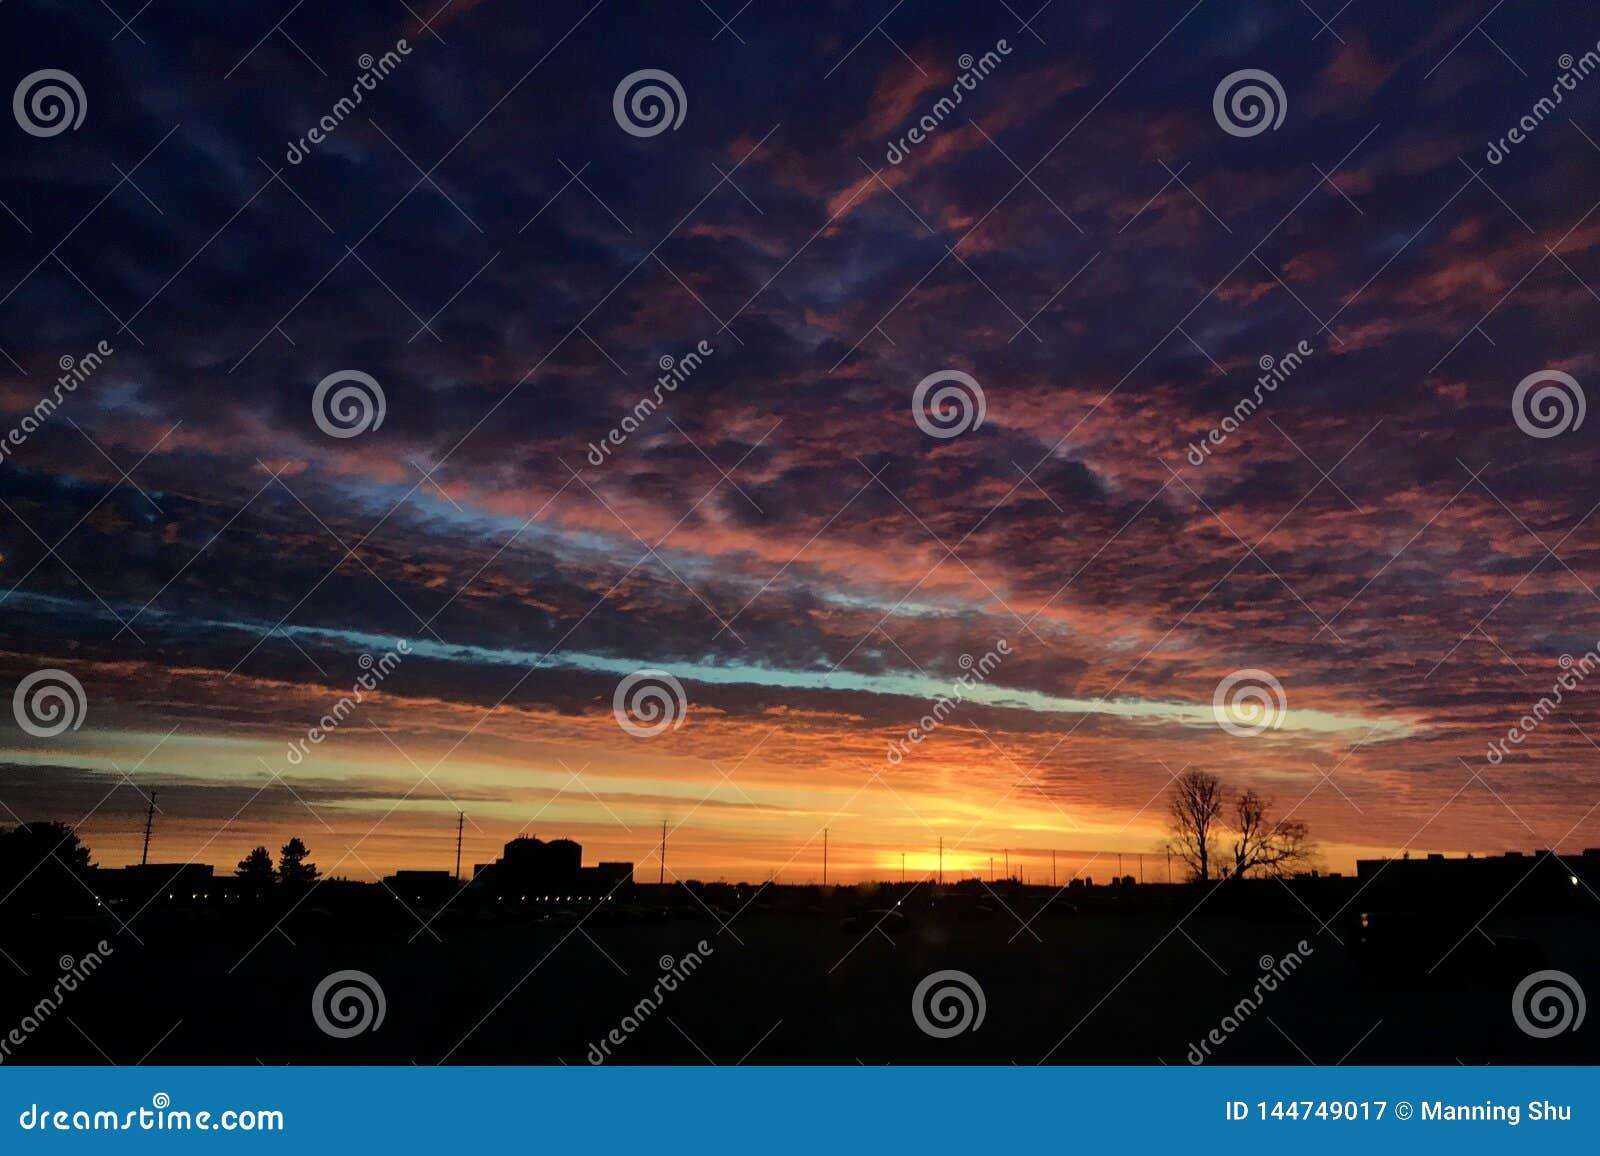 Nascer do sol colorido do amanhecer com céu nebuloso